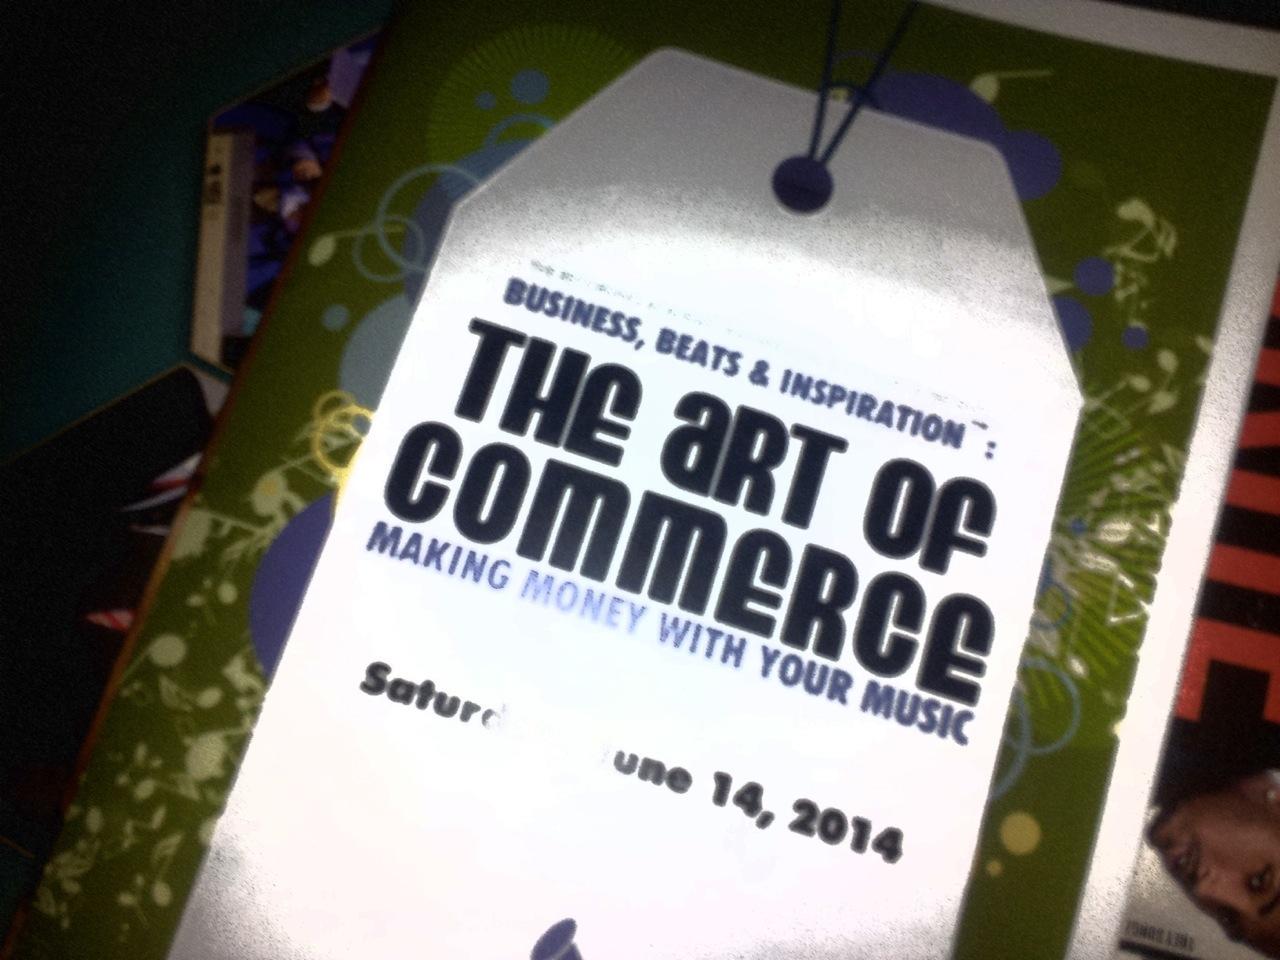 wpid-0-art-of-commerce-music-business.jpg.jpeg